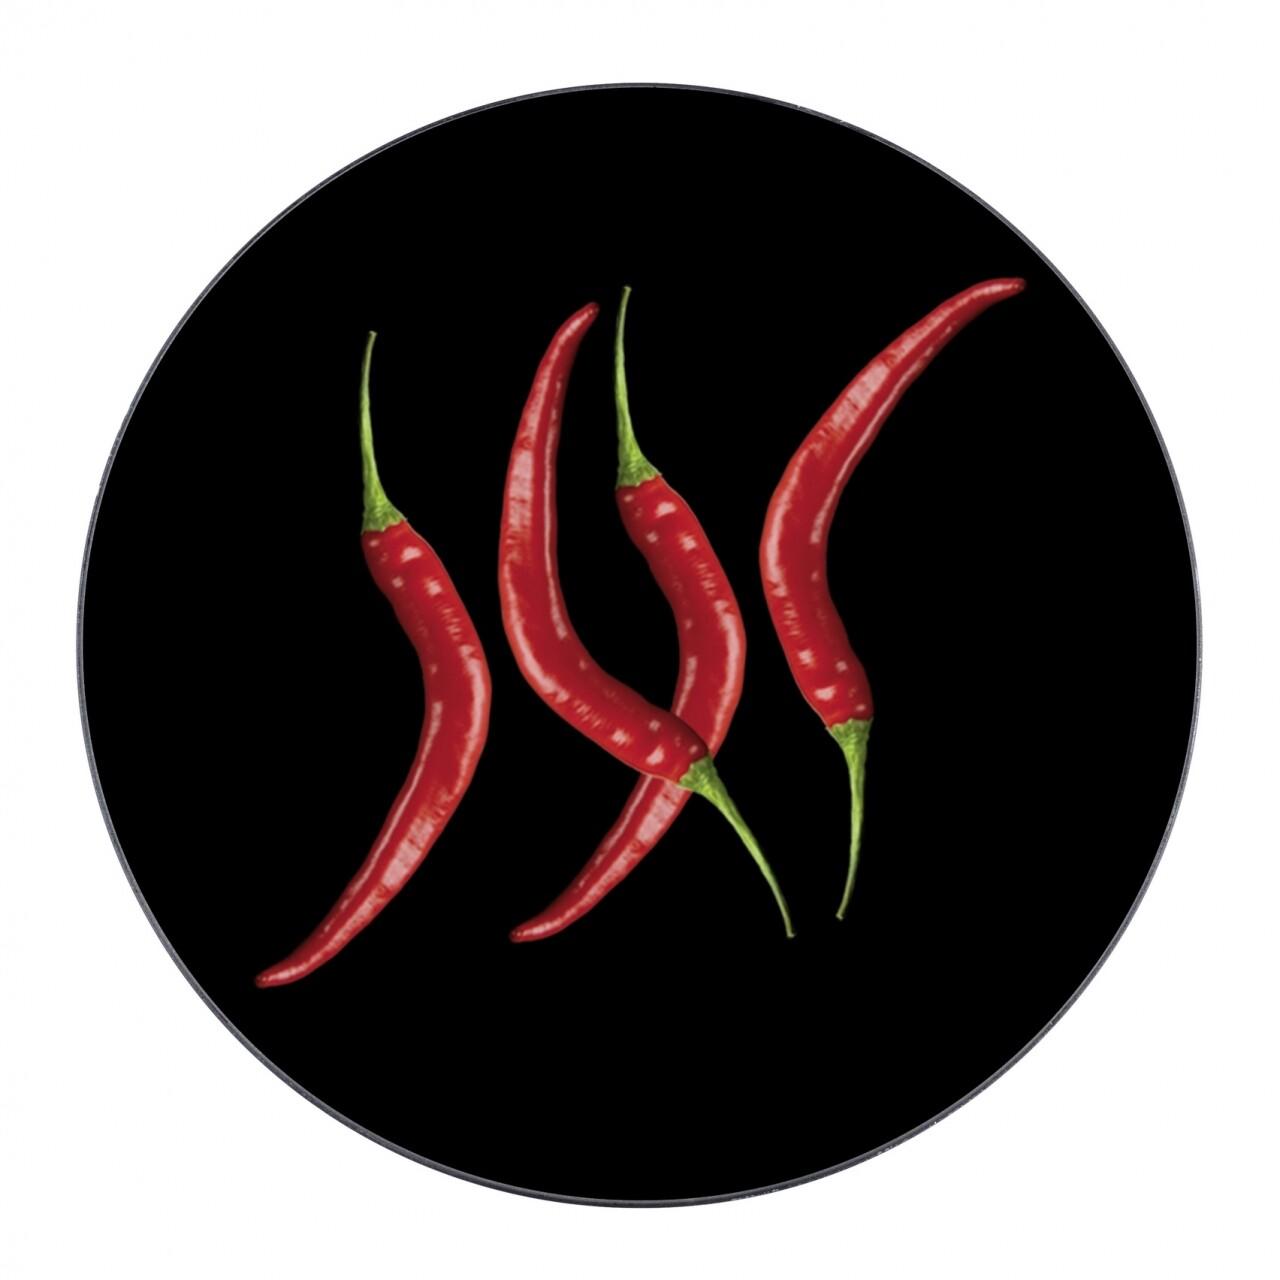 Suport pentru recipiente fierbinti Hot Pepper, Wenko, Ø 20 cm, sticla/silicon, negru/rosu